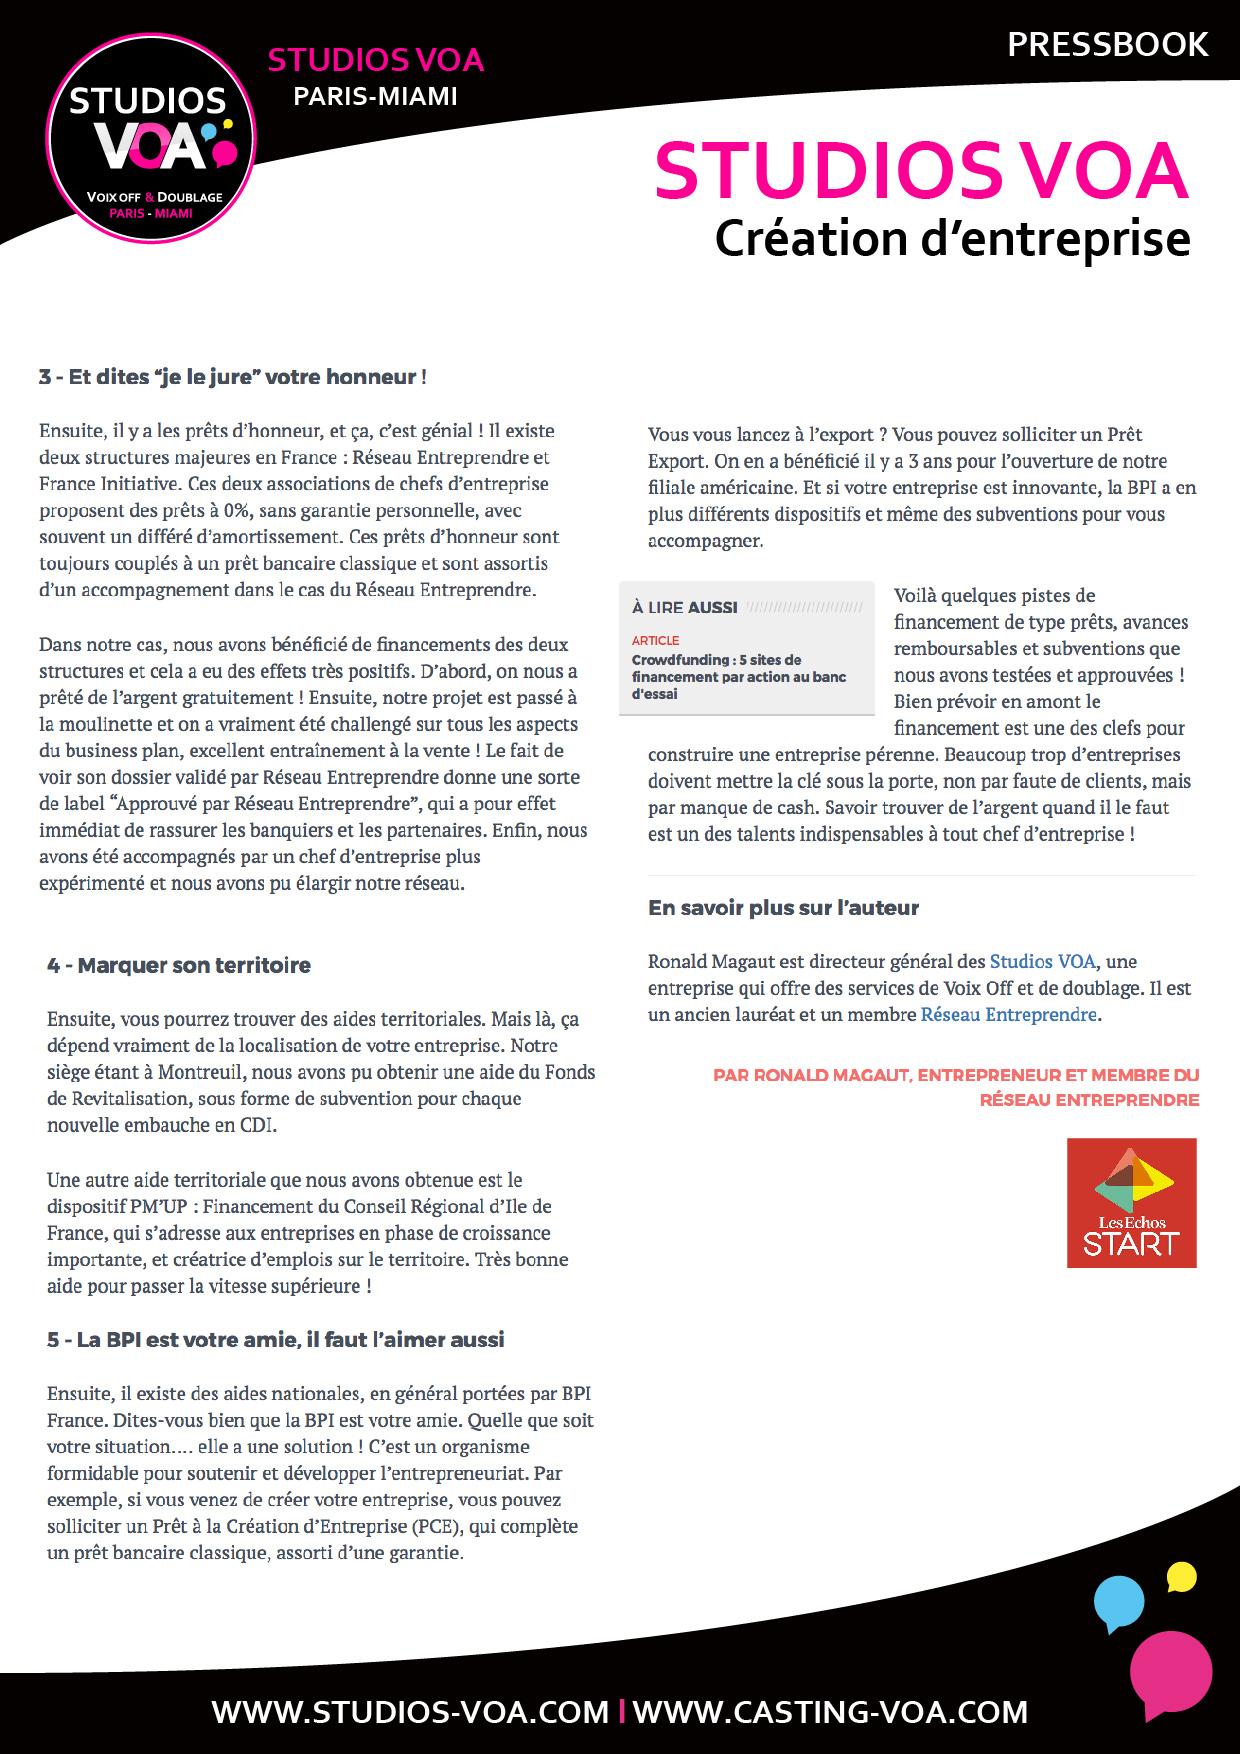 Pressbook-VOA_23-02-2017_Plan-de-travail_Les-Echos-star-2